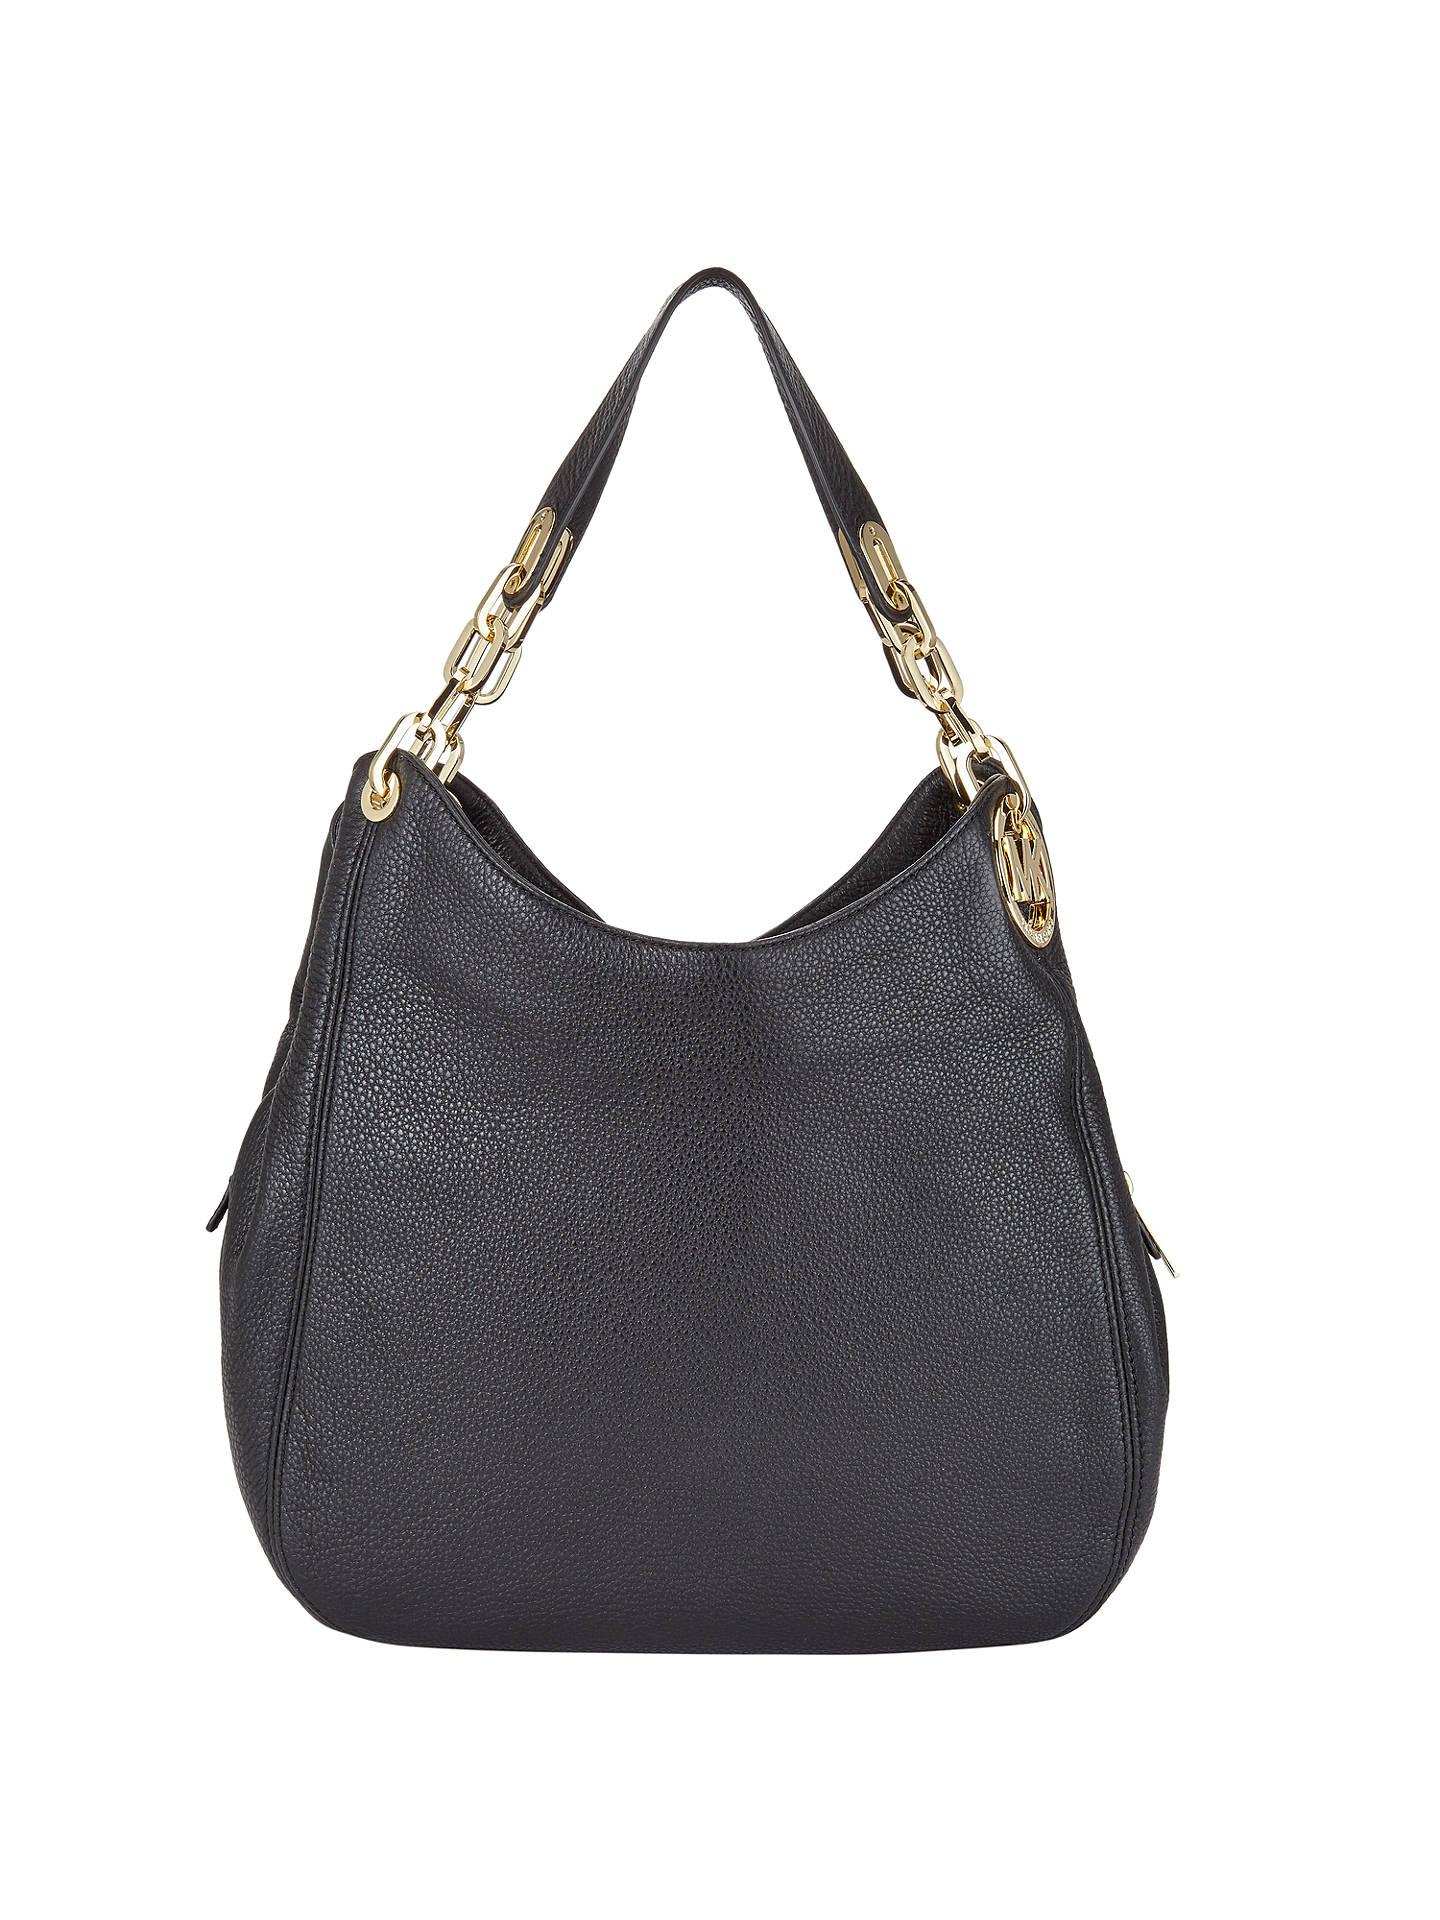 dd4a04618074 Buy MICHAEL Michael Kors Fulton Large Leather Shoulder Tote Bag, Black  Online at johnlewis.